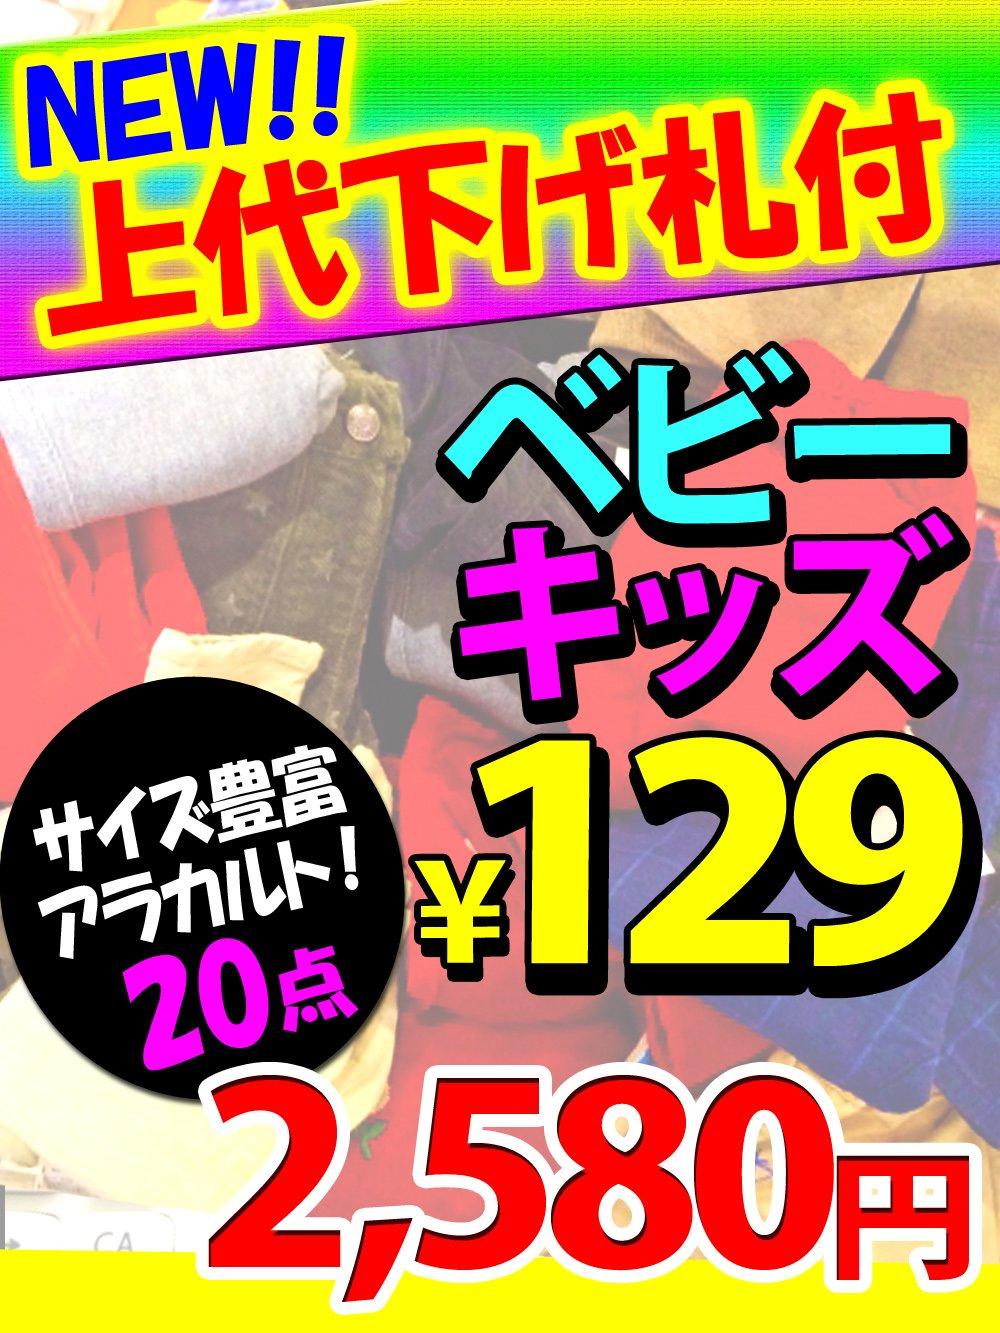 【上代下げ札付】激安ベビー〜キッズアパレルまでサイズ豊富アラカルト!【20点】@129